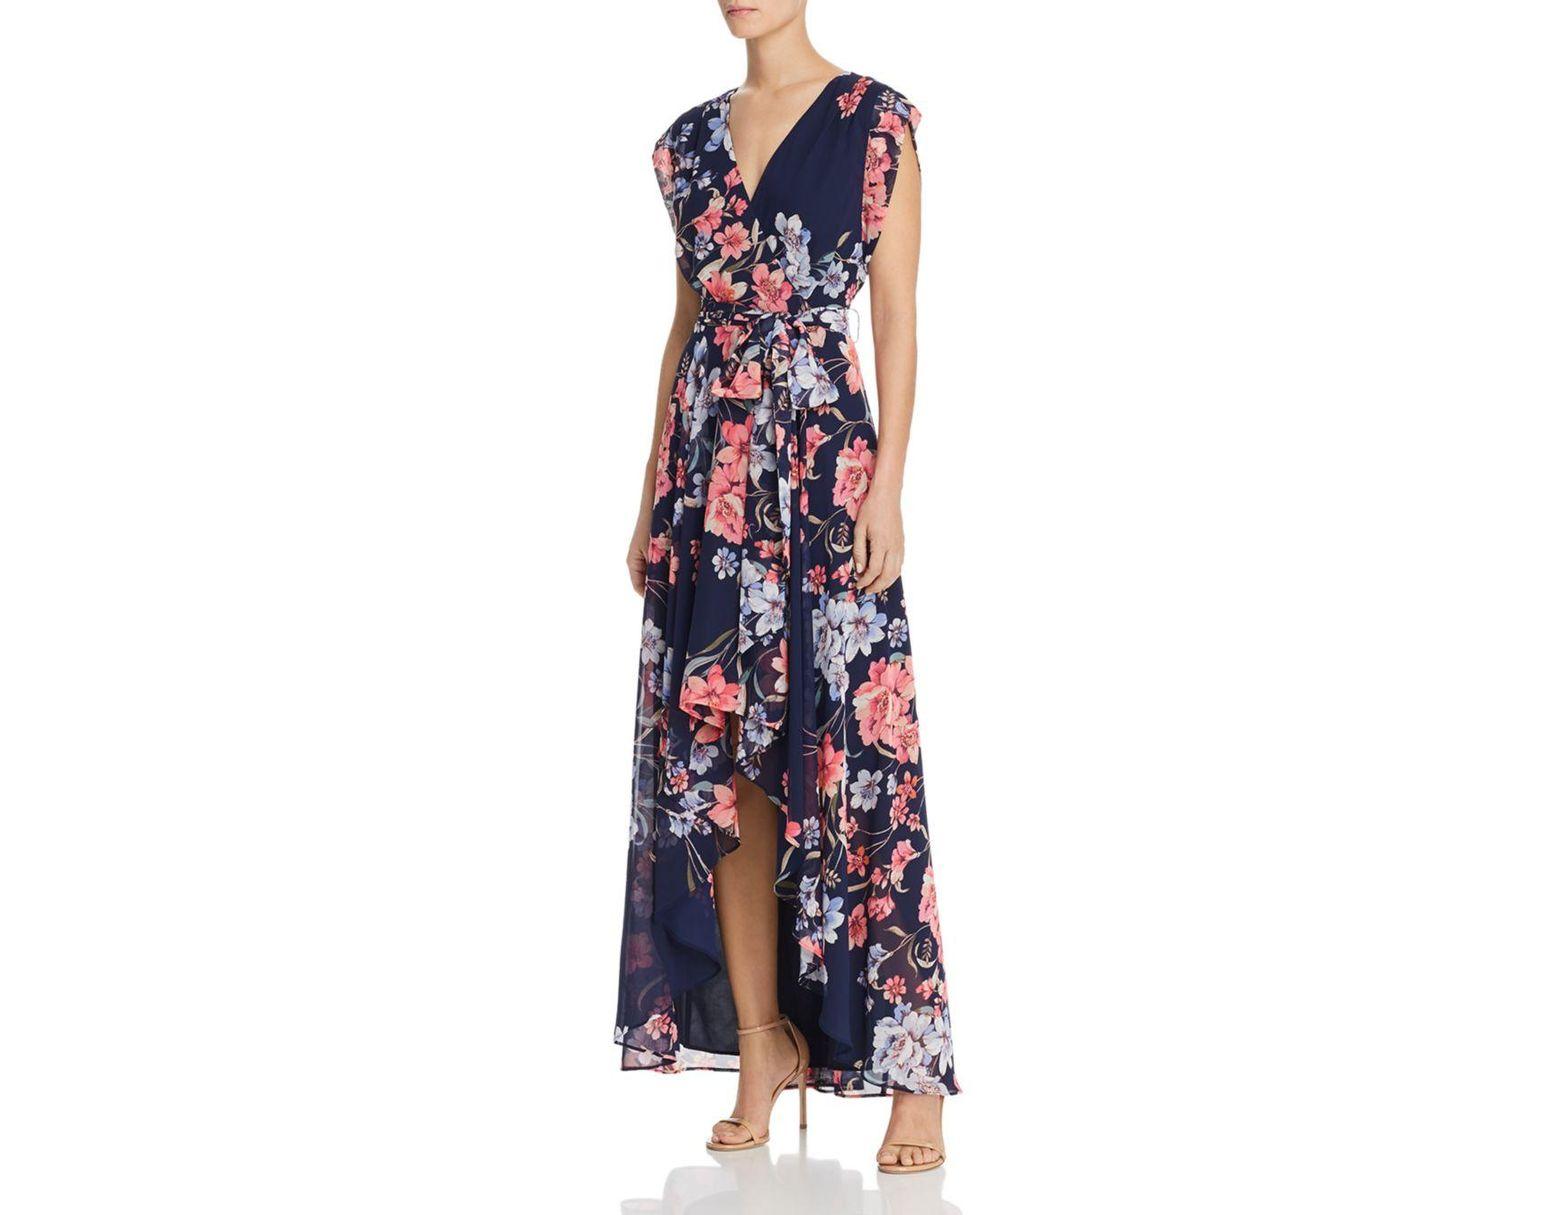 98c18be80b Eliza J. Women s Blue Plus Size Floral Print Faux Wrap Surplice V-neck Maxi  Dress